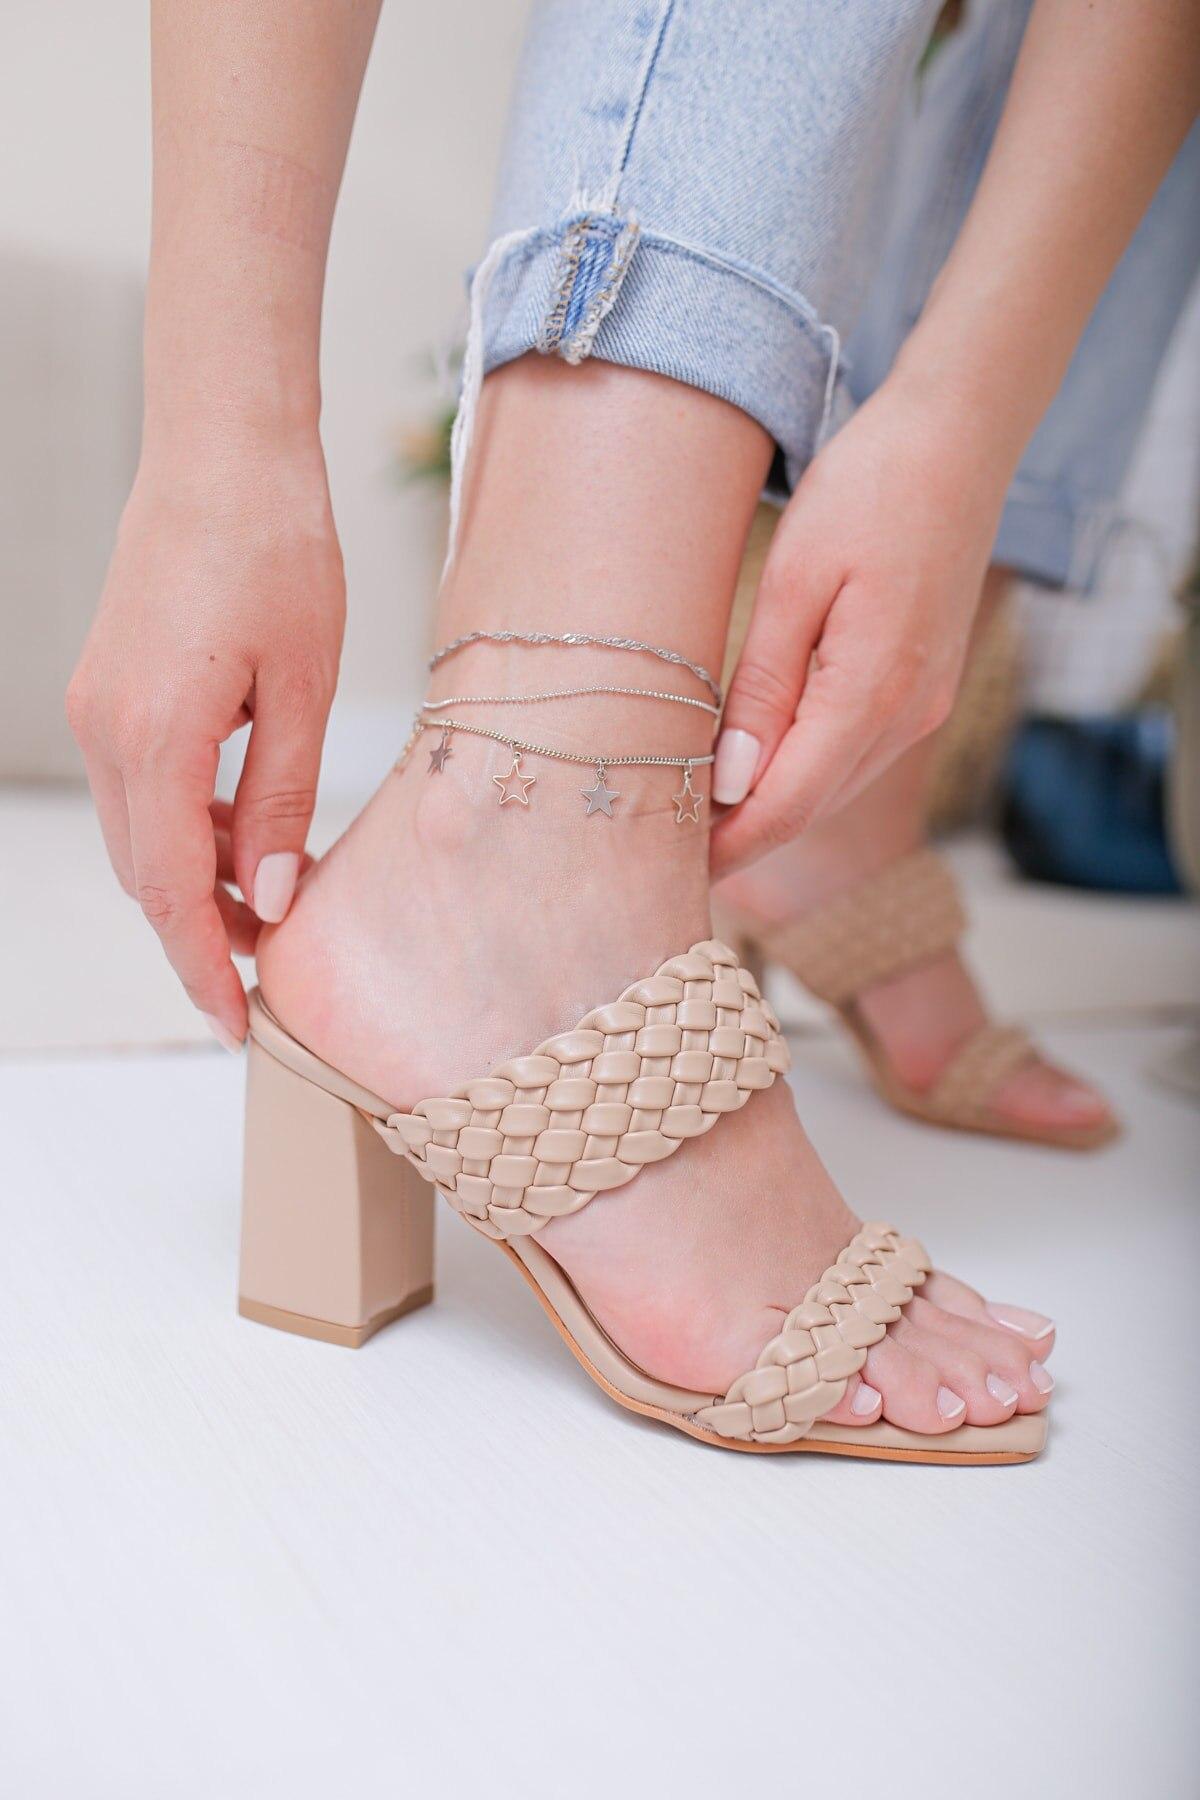 النساء الصنادل المنك الحياكة الإناث الكعوب الصيف داخلي في الهواء الطلق الوجه يتخبط الشاطئ حذاء الإناث النعال منصة عادية